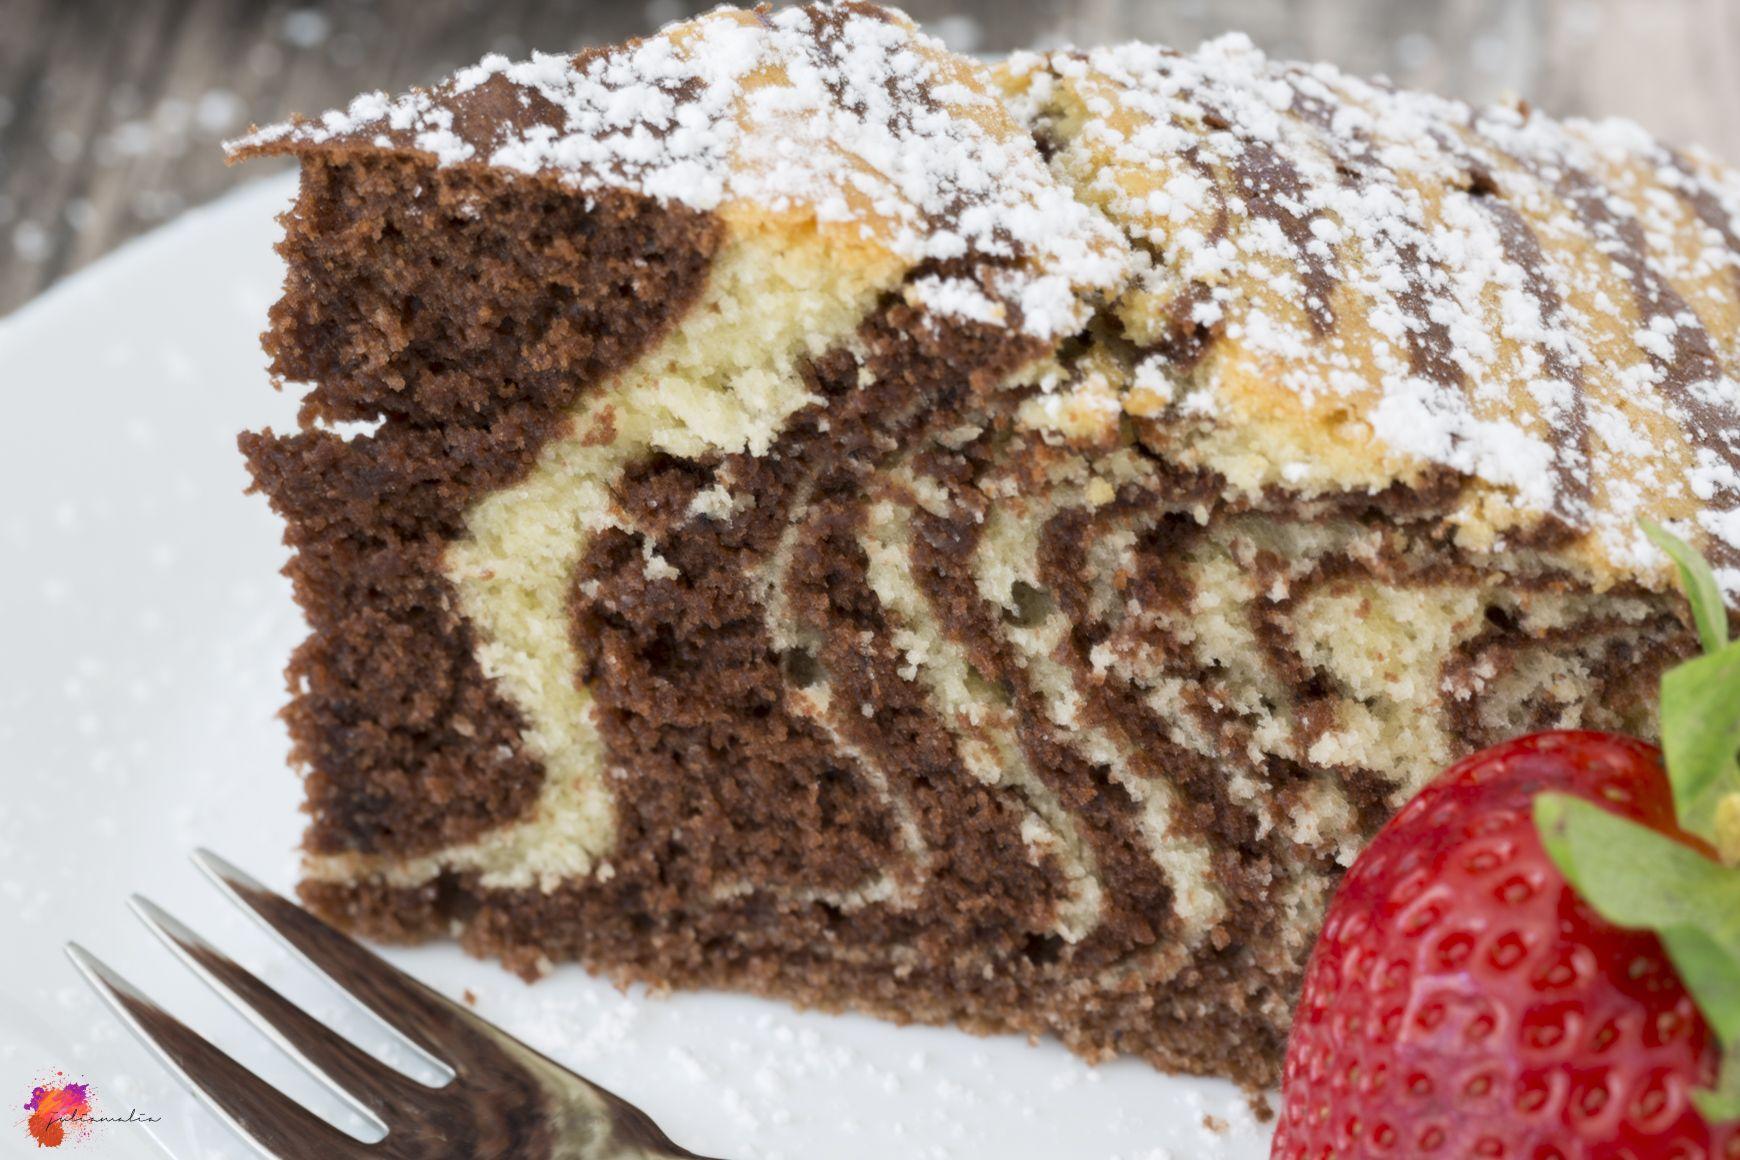 Zebrakuchen Saftig Einfach Und Ein Echter Hingucker Juliamalia Rezept Zebrakuchen Kuchen Und Torten Rezepte Kuchen Rezepte Einfach